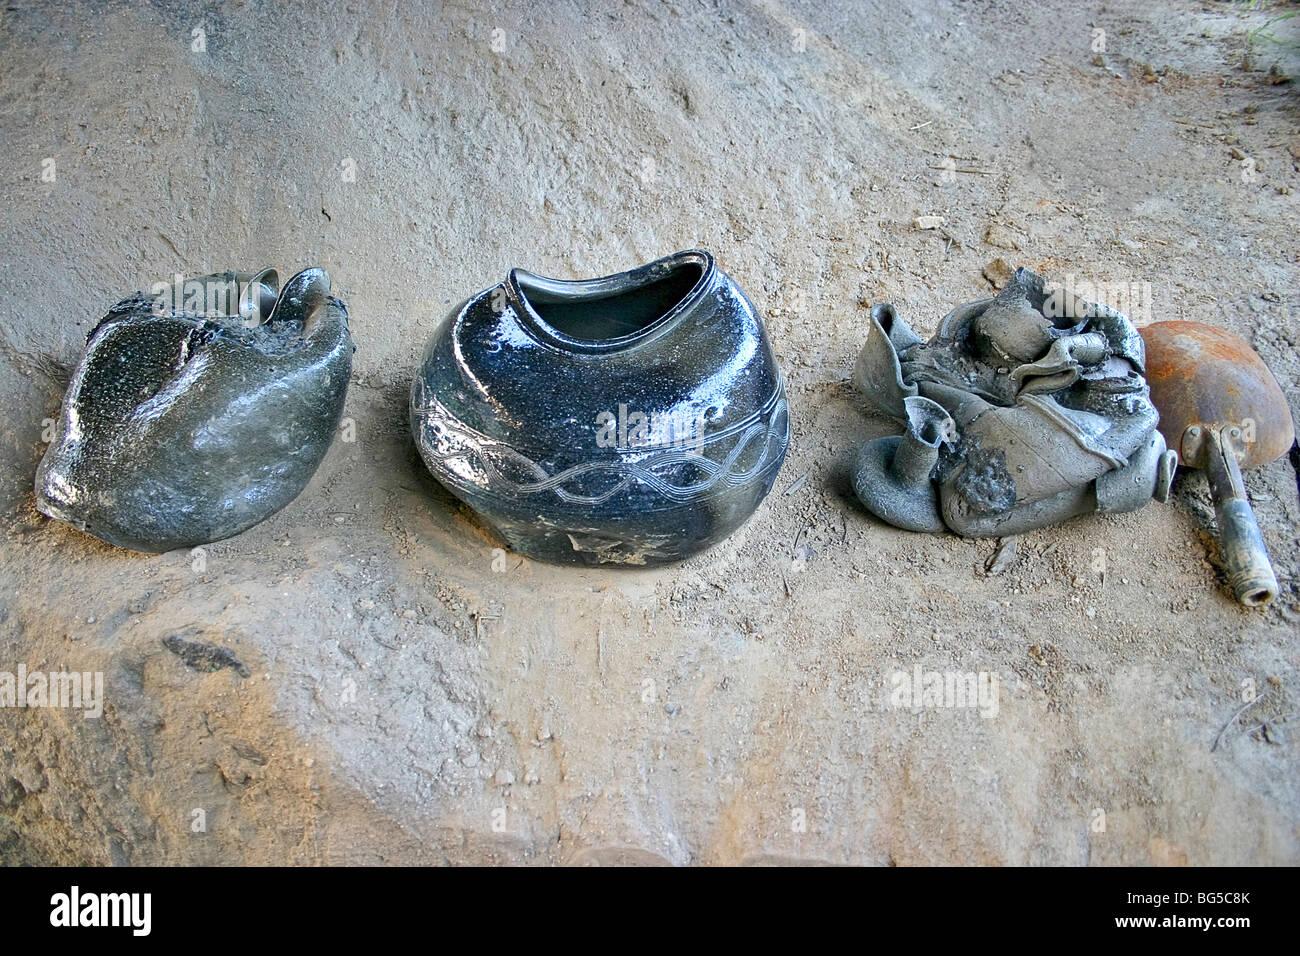 Freeform misshapen earthenware pottery, Shilla Kiln, Kyongju, Korea. Stock Photo